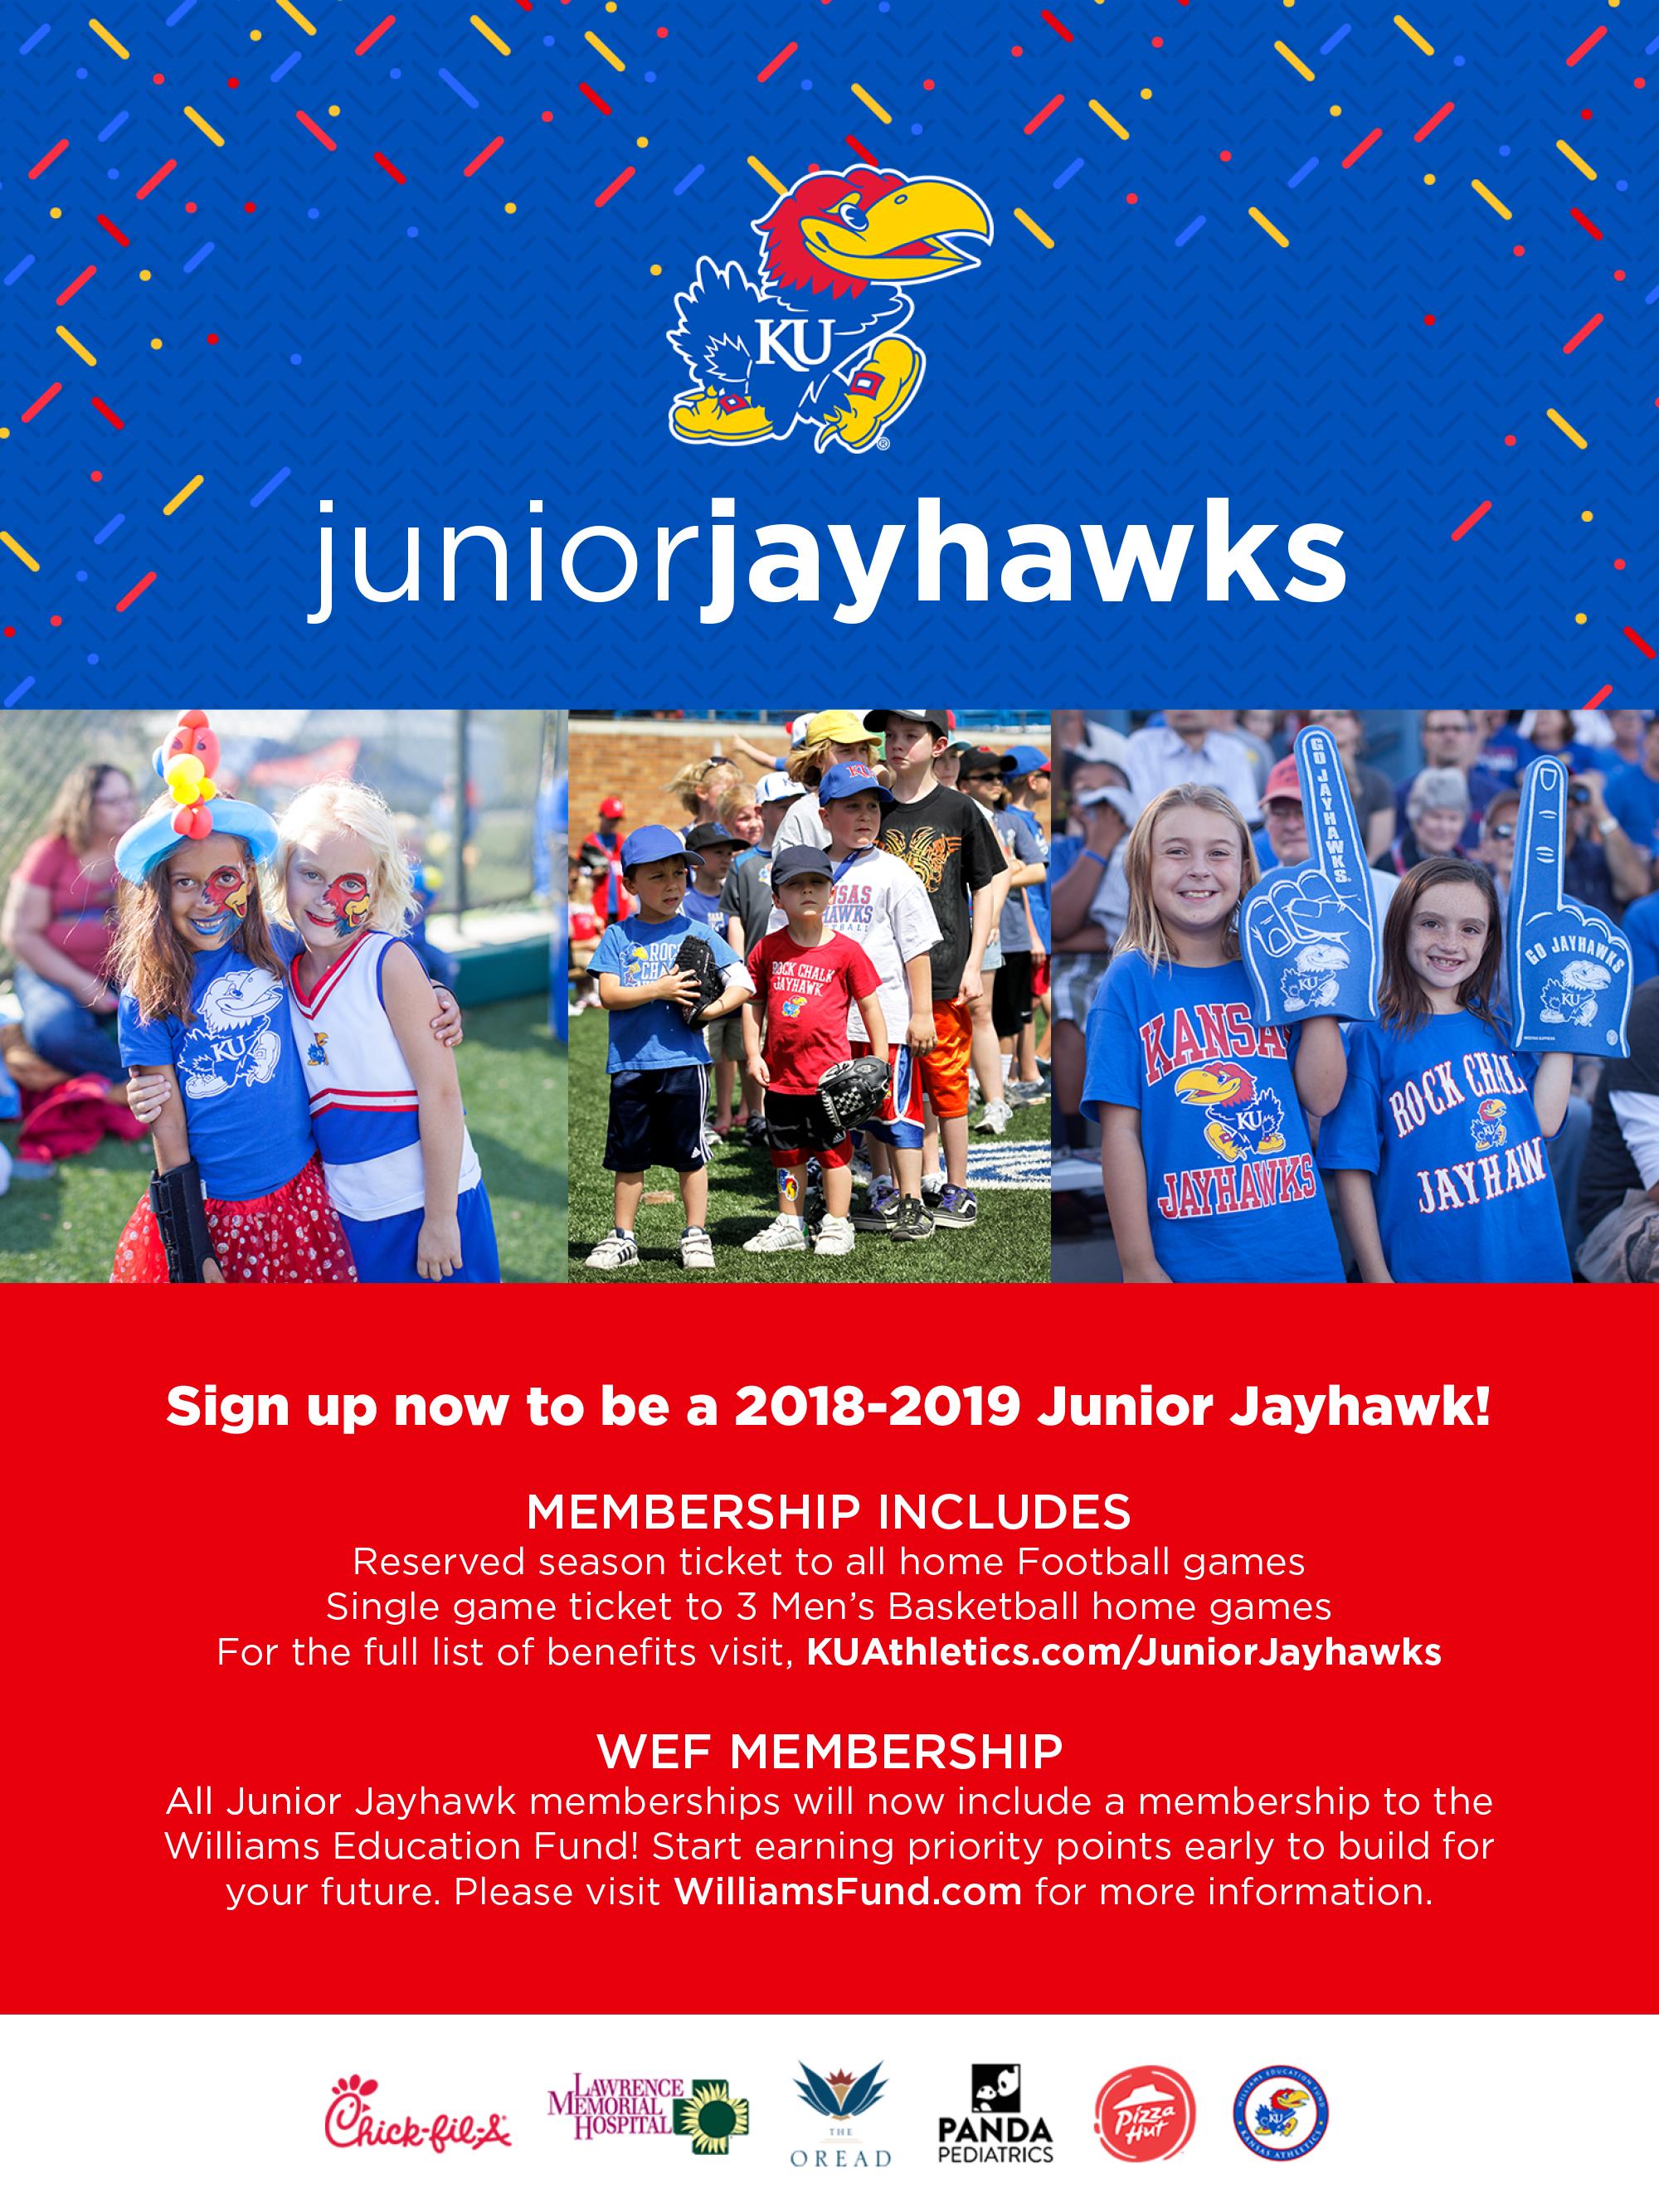 jr. jayhawks